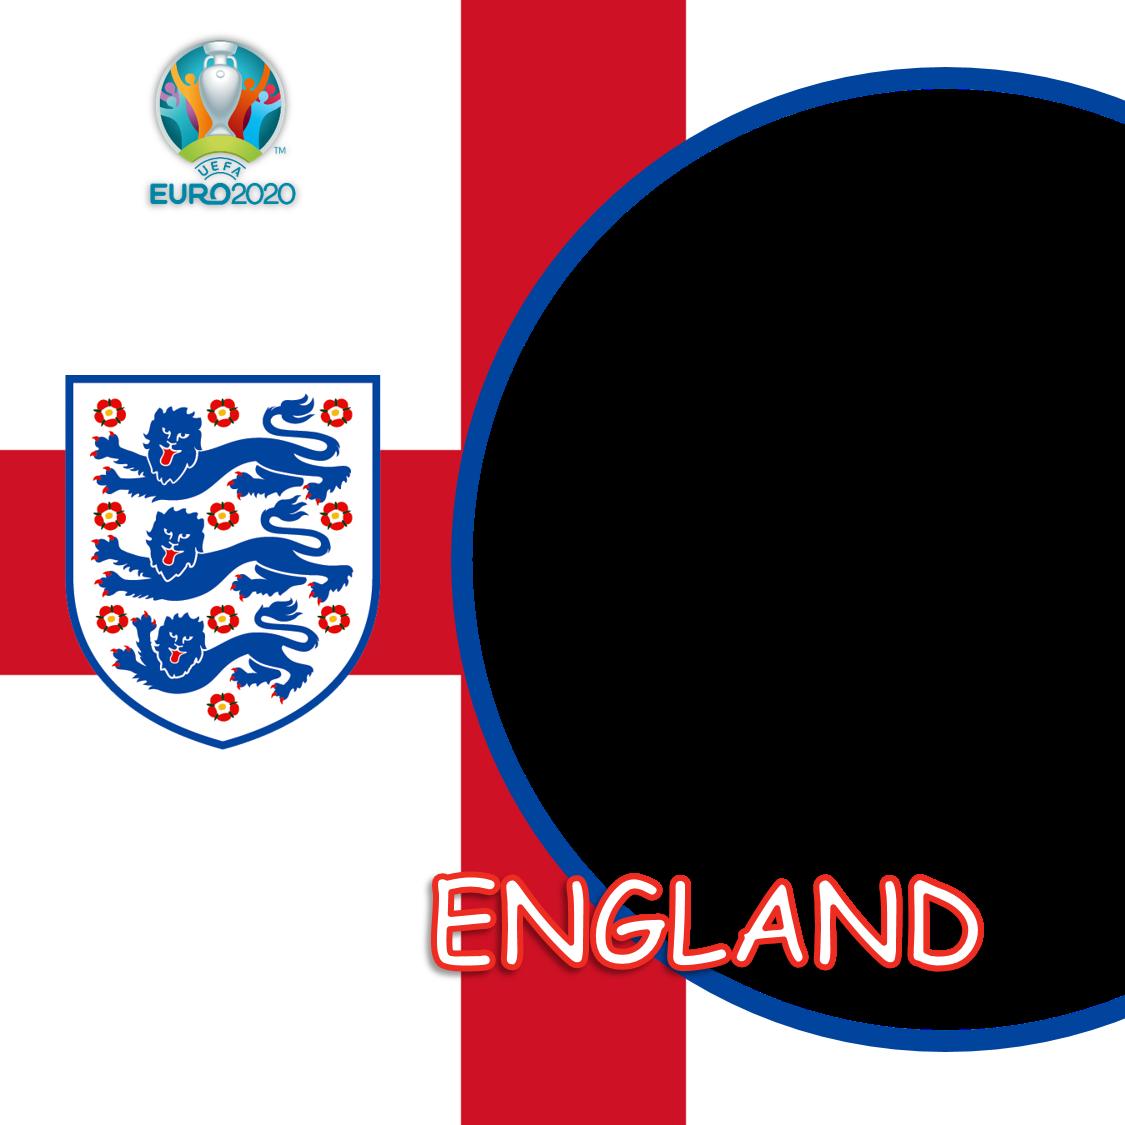 Frame Bingkai Keren Twibbon Inggris Euro 2020 - England Euro 2021